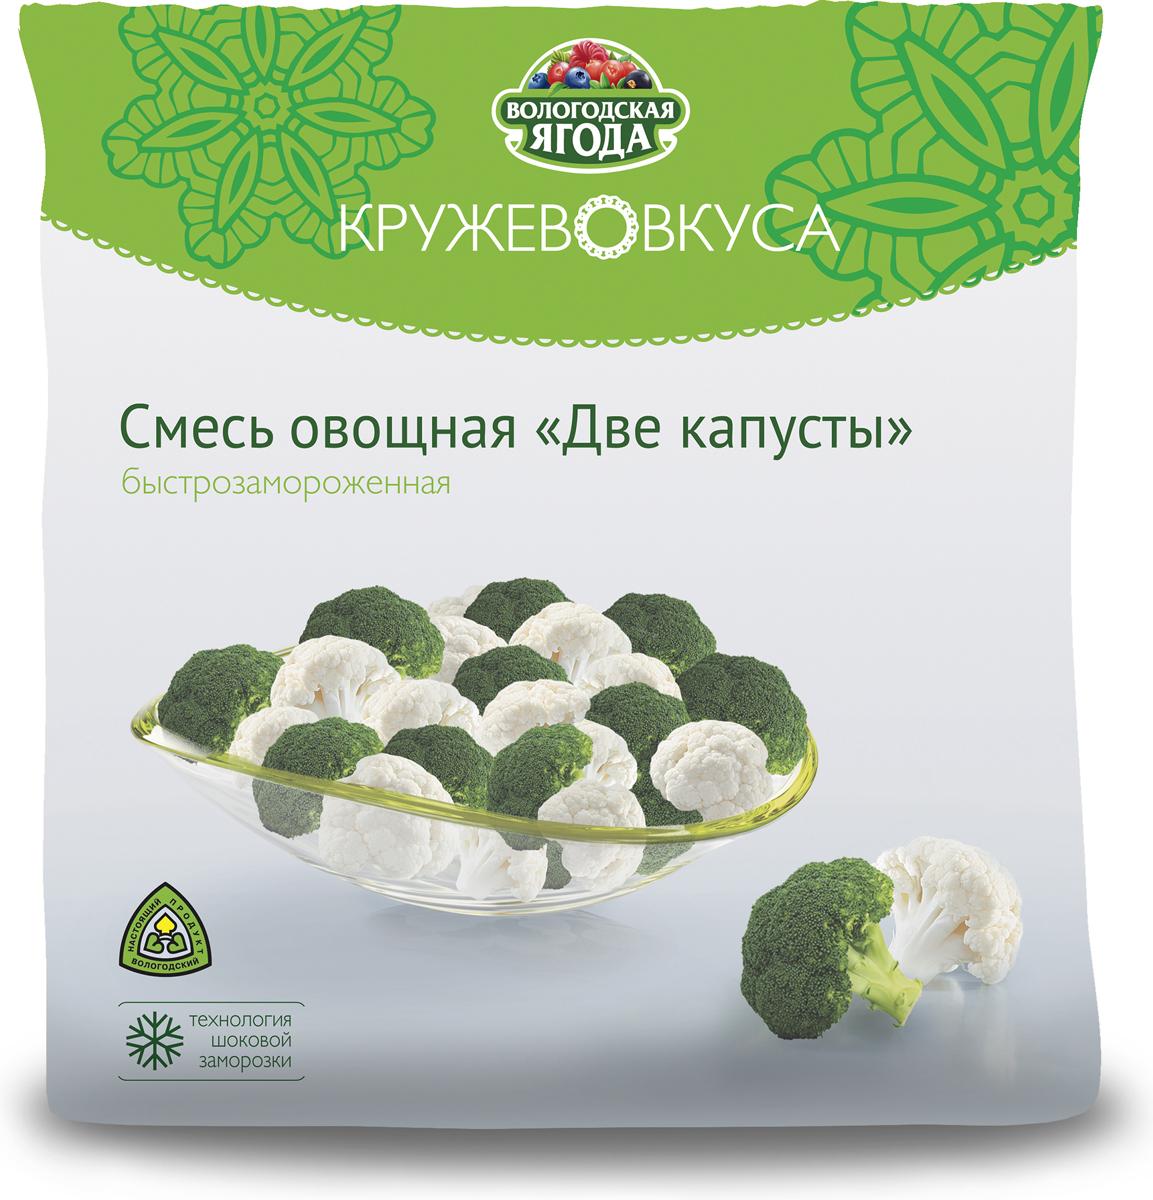 Кружево Вкуса Капуста Цветная и Капуста Брокколи, смесь овощная, 400 г кружево вкуса капуста брокколи 400 г